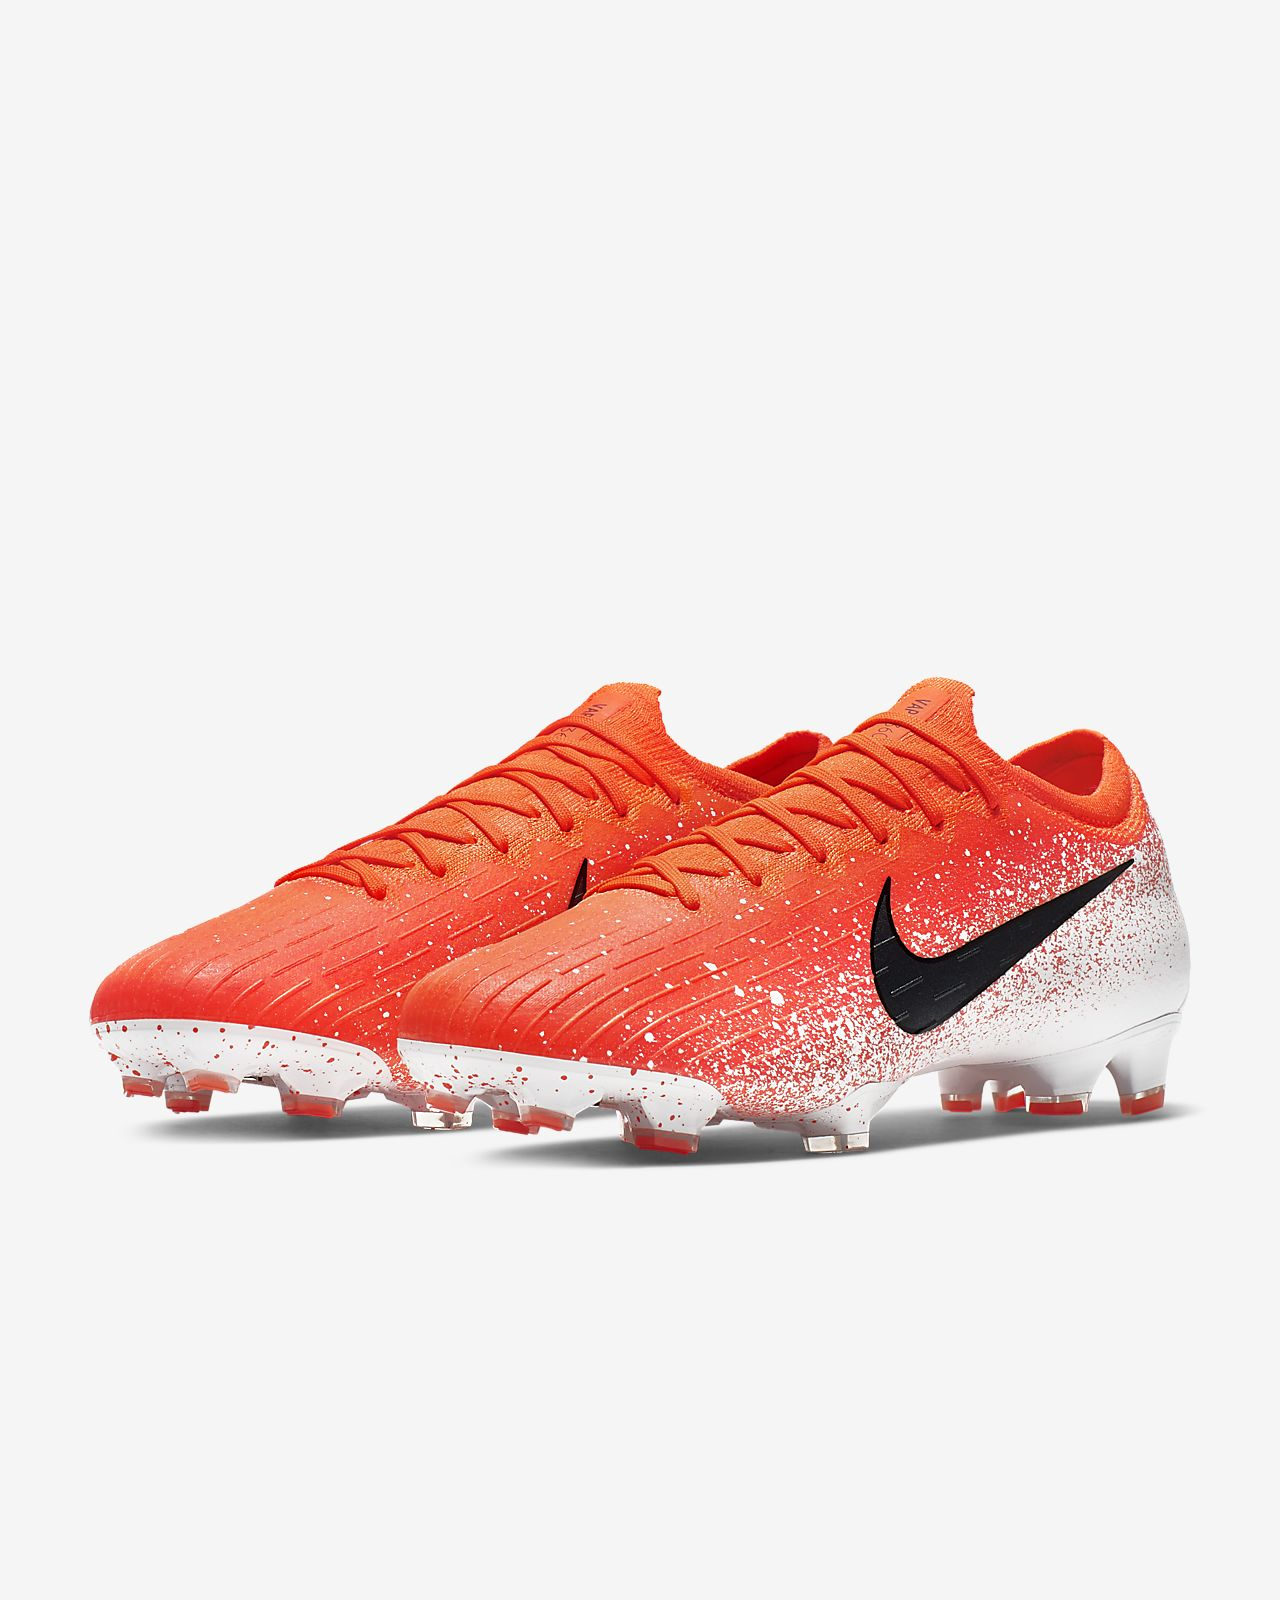 069928818016 Nike Vapor 12 Elite FG Firm-Ground Football Boot. Nike.com SK